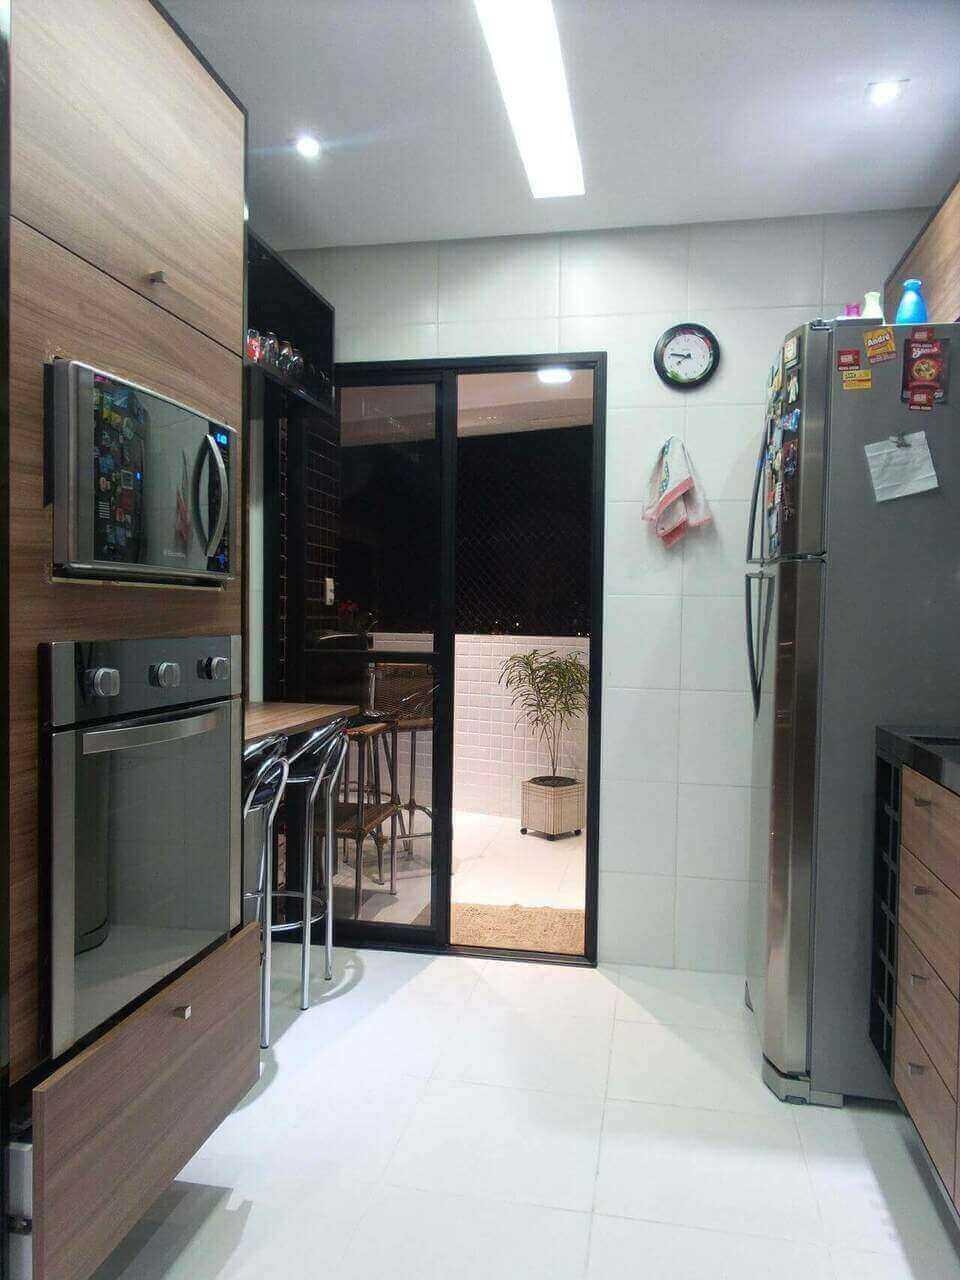 microondas espelhado - nicho embutido para forno elétrico e microondas